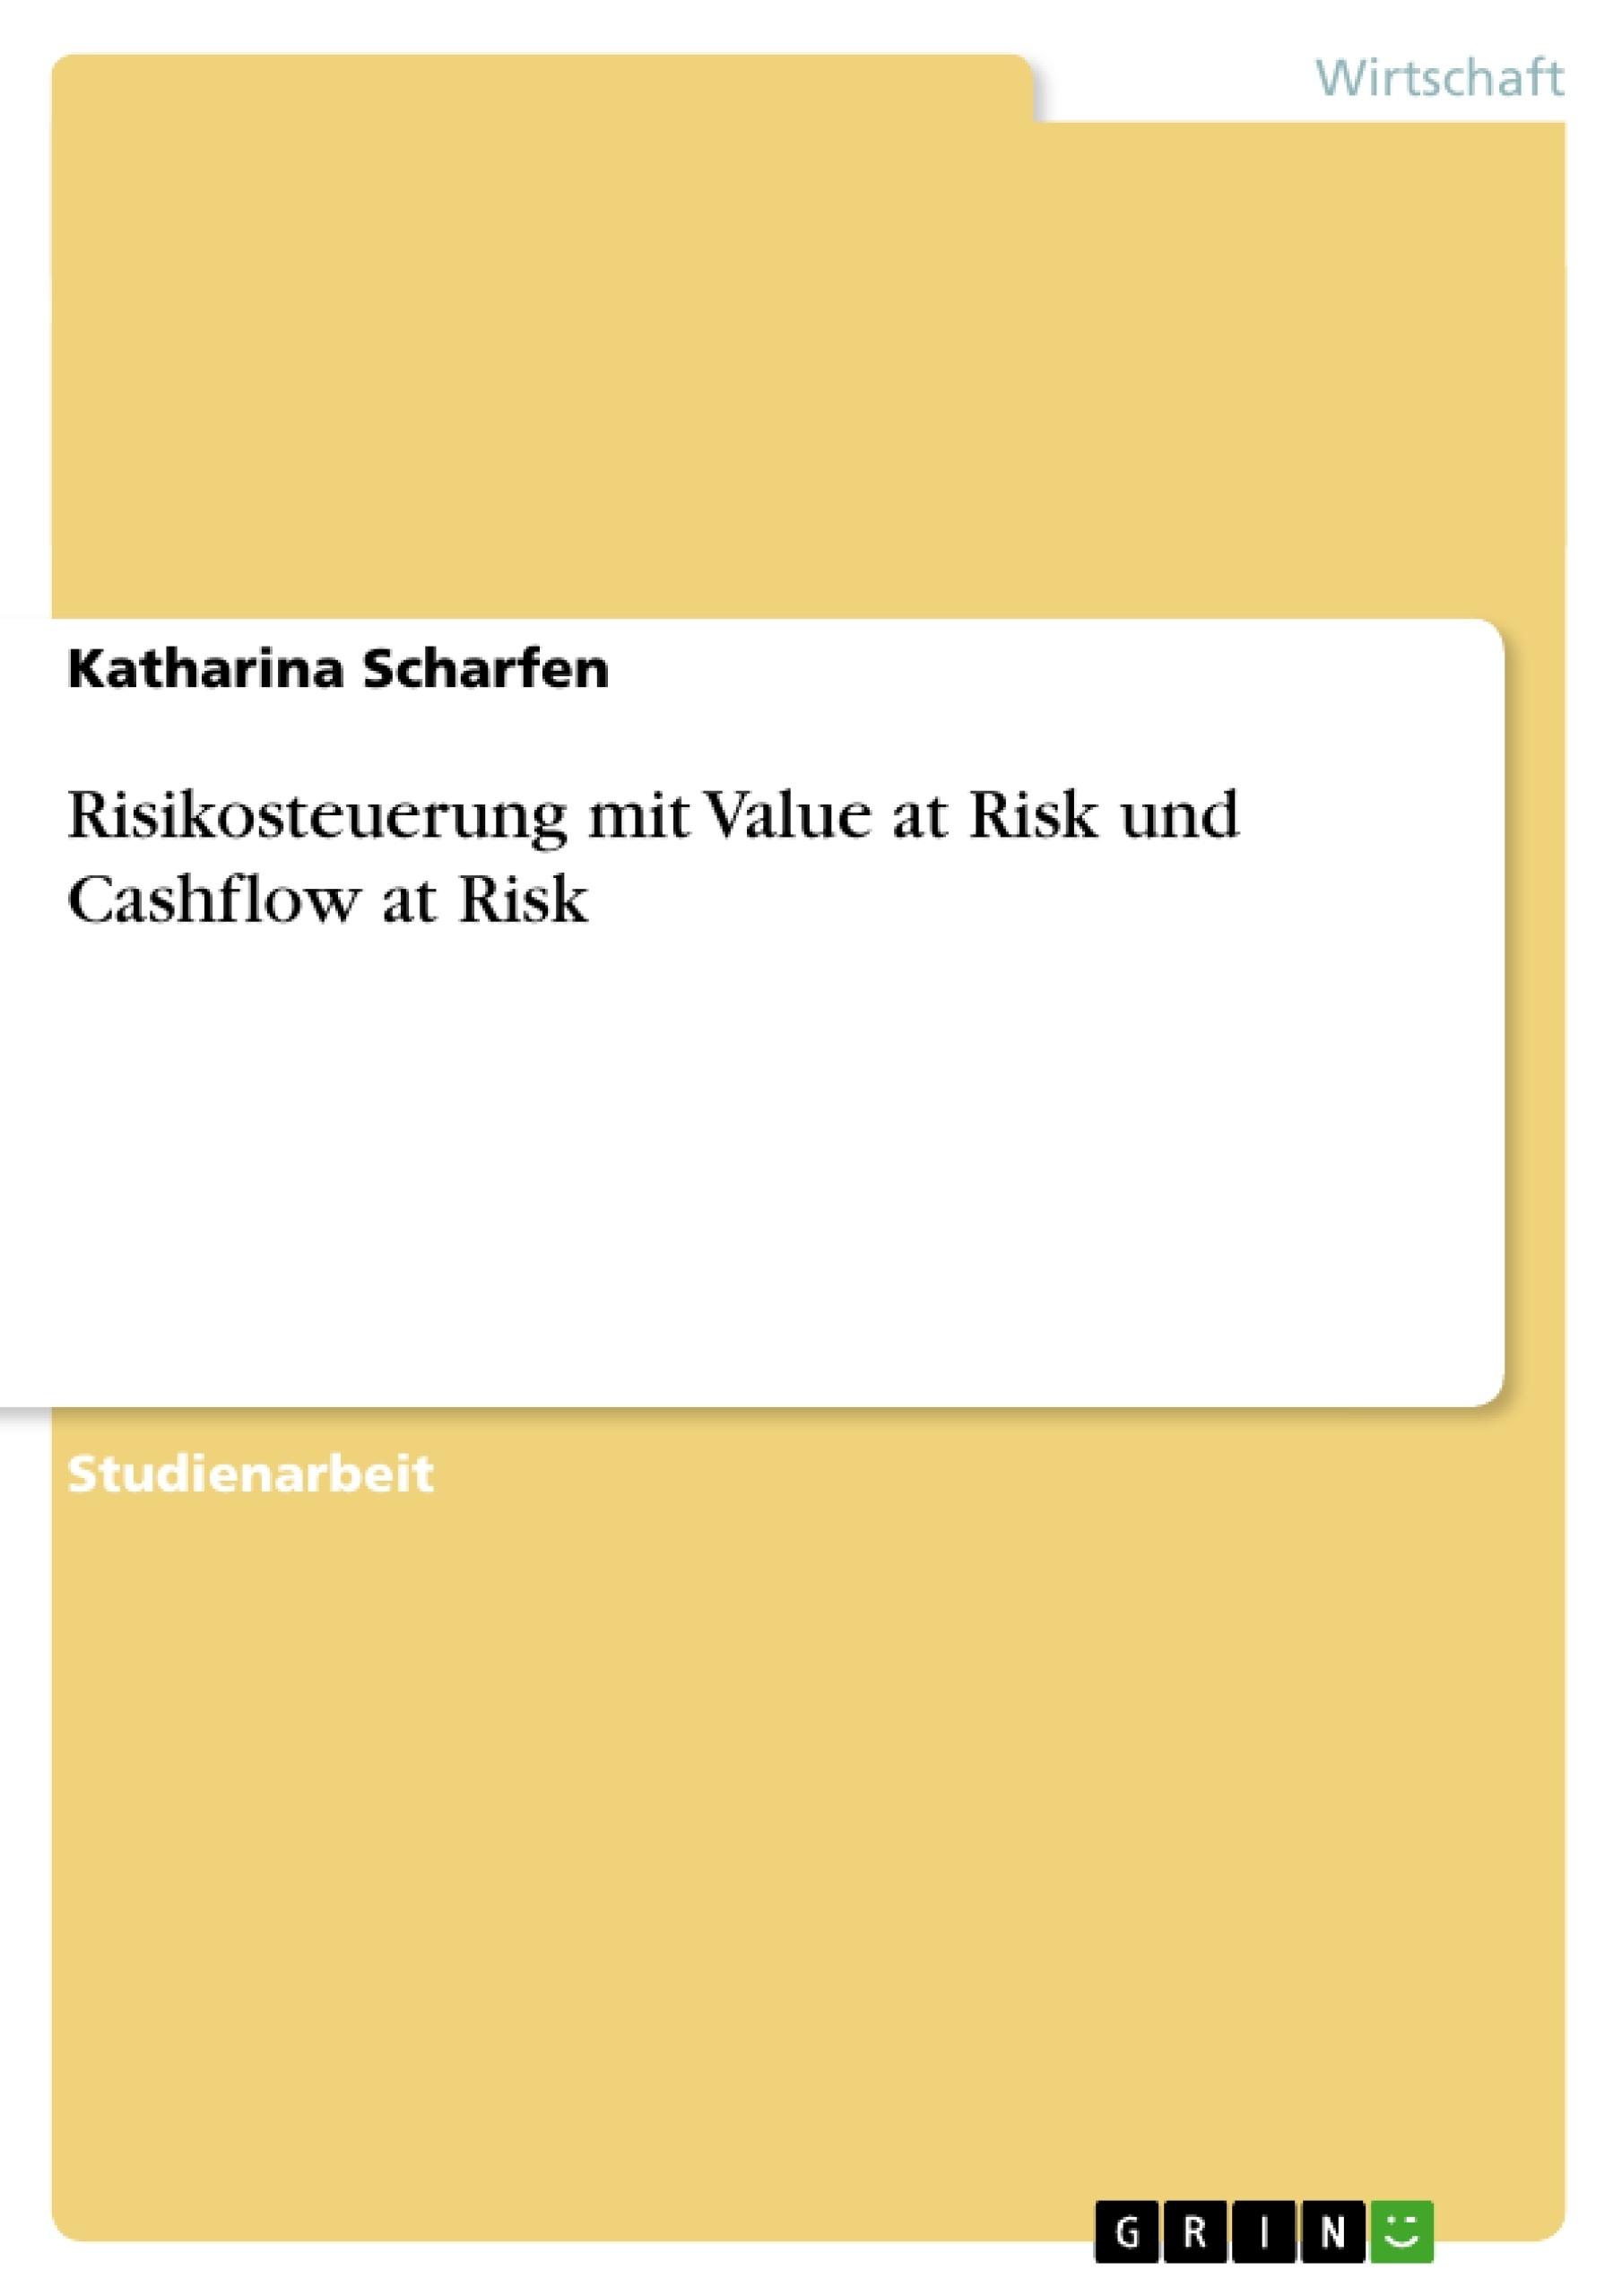 Titel: Risikosteuerung mit Value at Risk und Cashflow at Risk